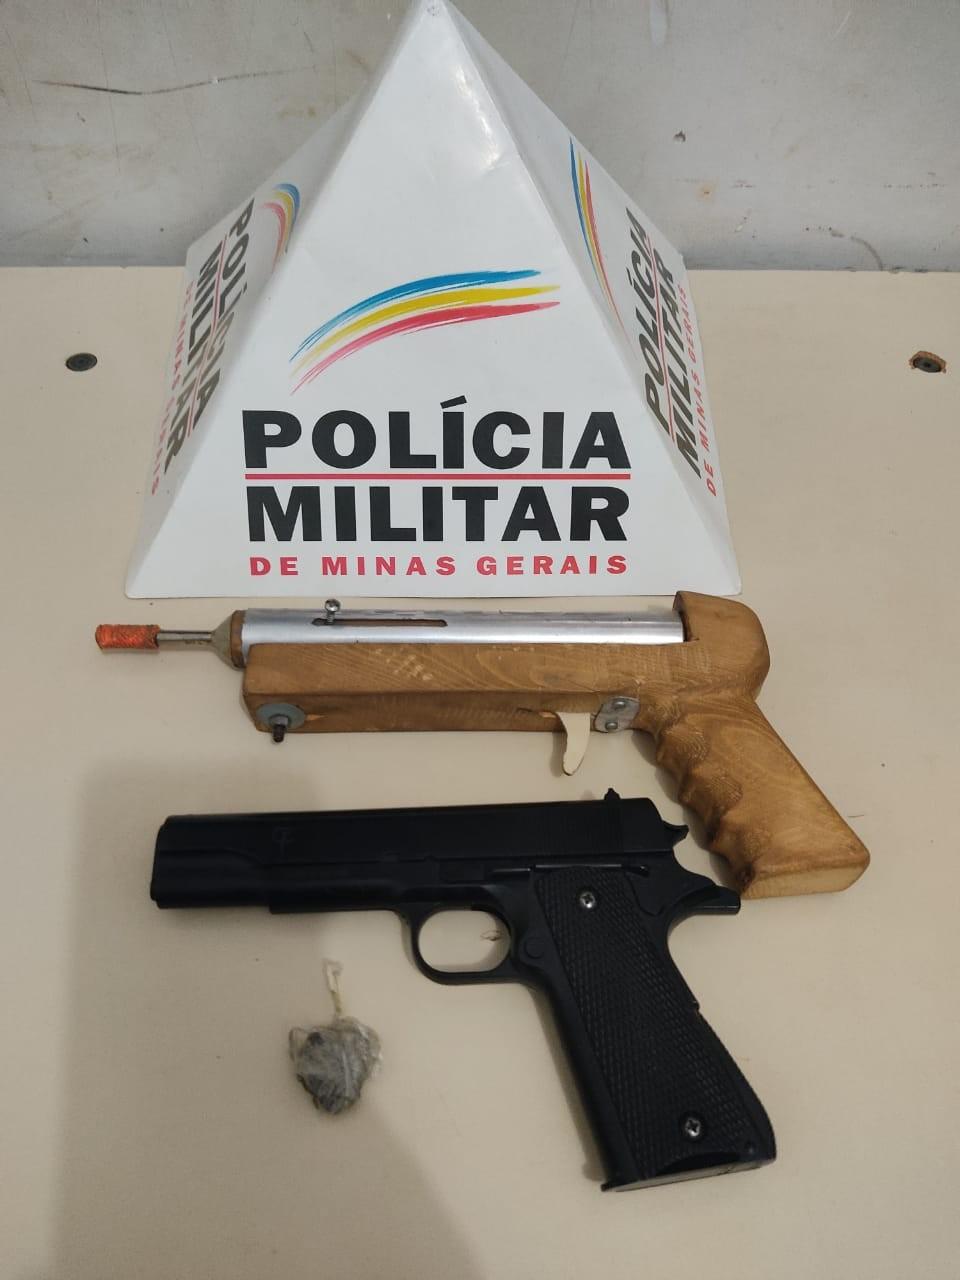 Foragido é preso com arma de fabricação artesanal e réplica de pistola, em Unaí